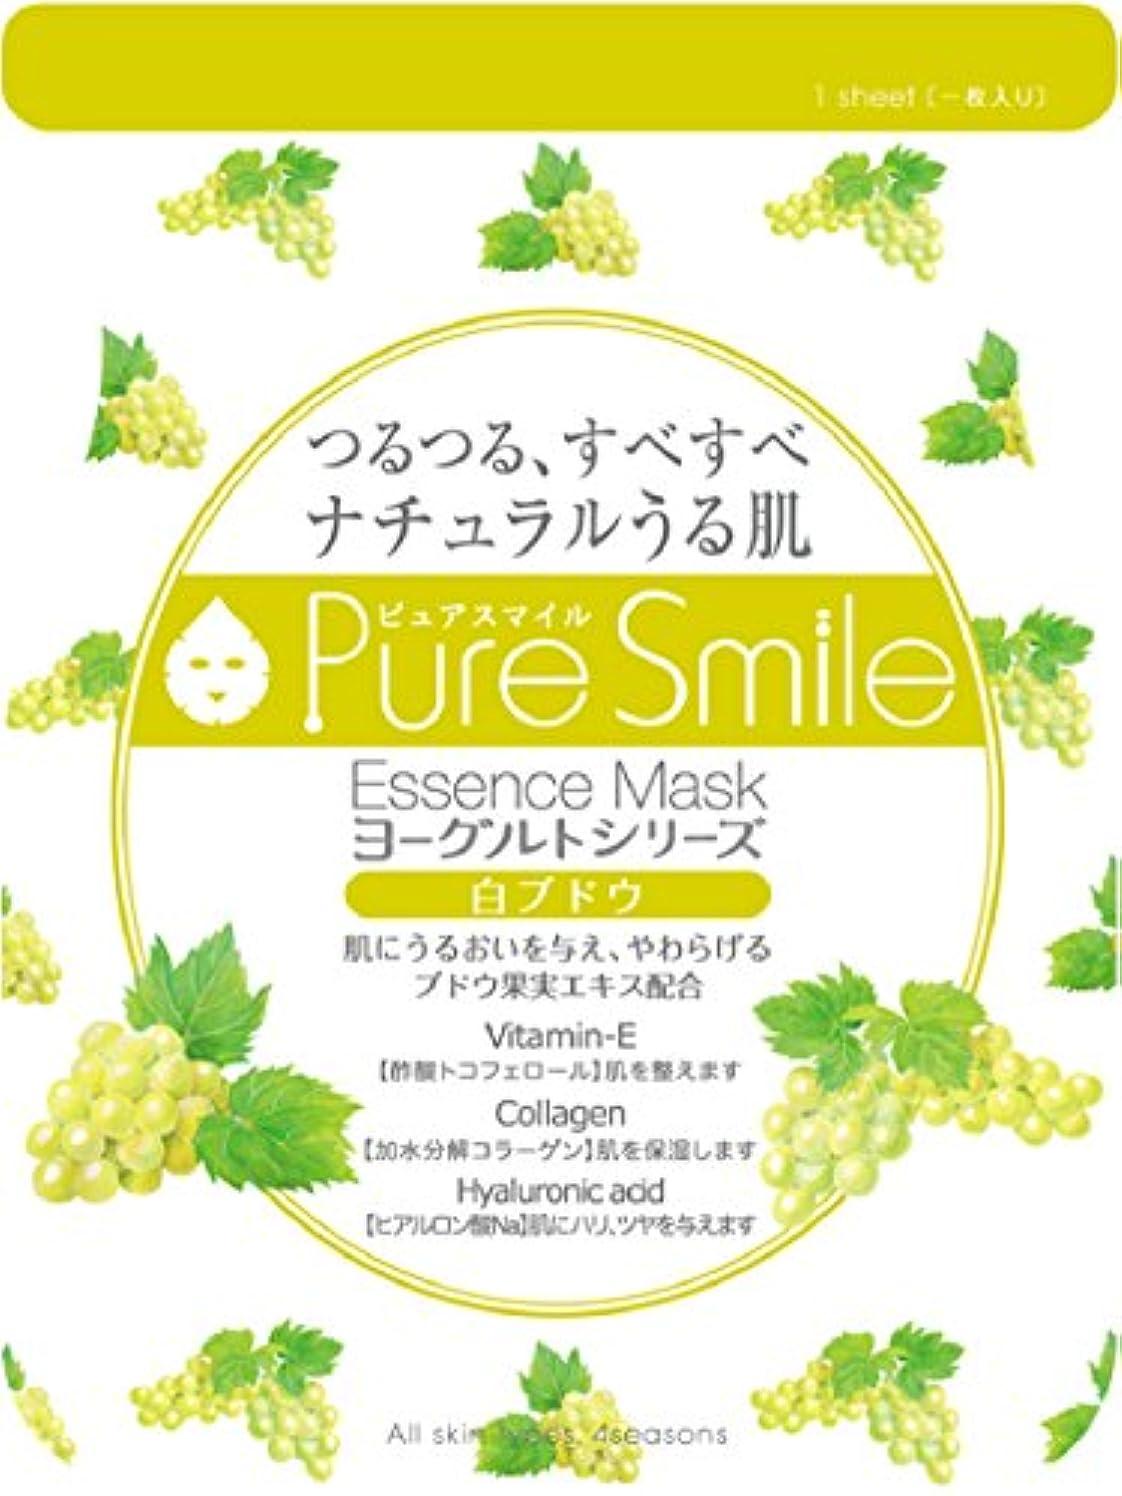 プロペラ経済的寝るPure Smile エッセンスマスク ヨーグルトシリーズ 白ブドウ 23ml?30枚